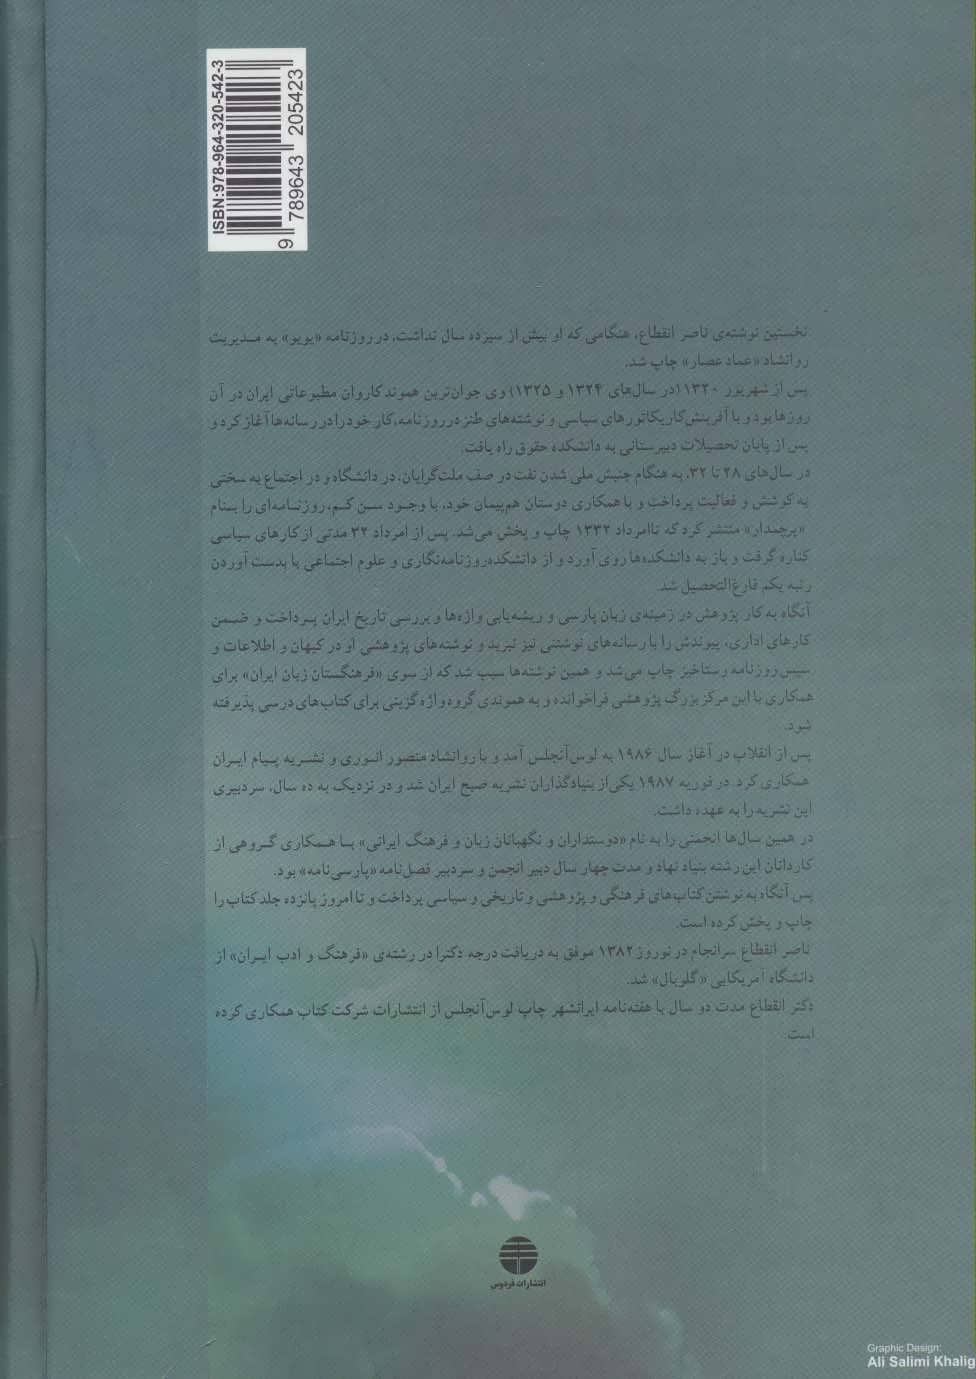 نادر (قهرمان بی آرام،پادشاه ناکام)،(3جلدی)